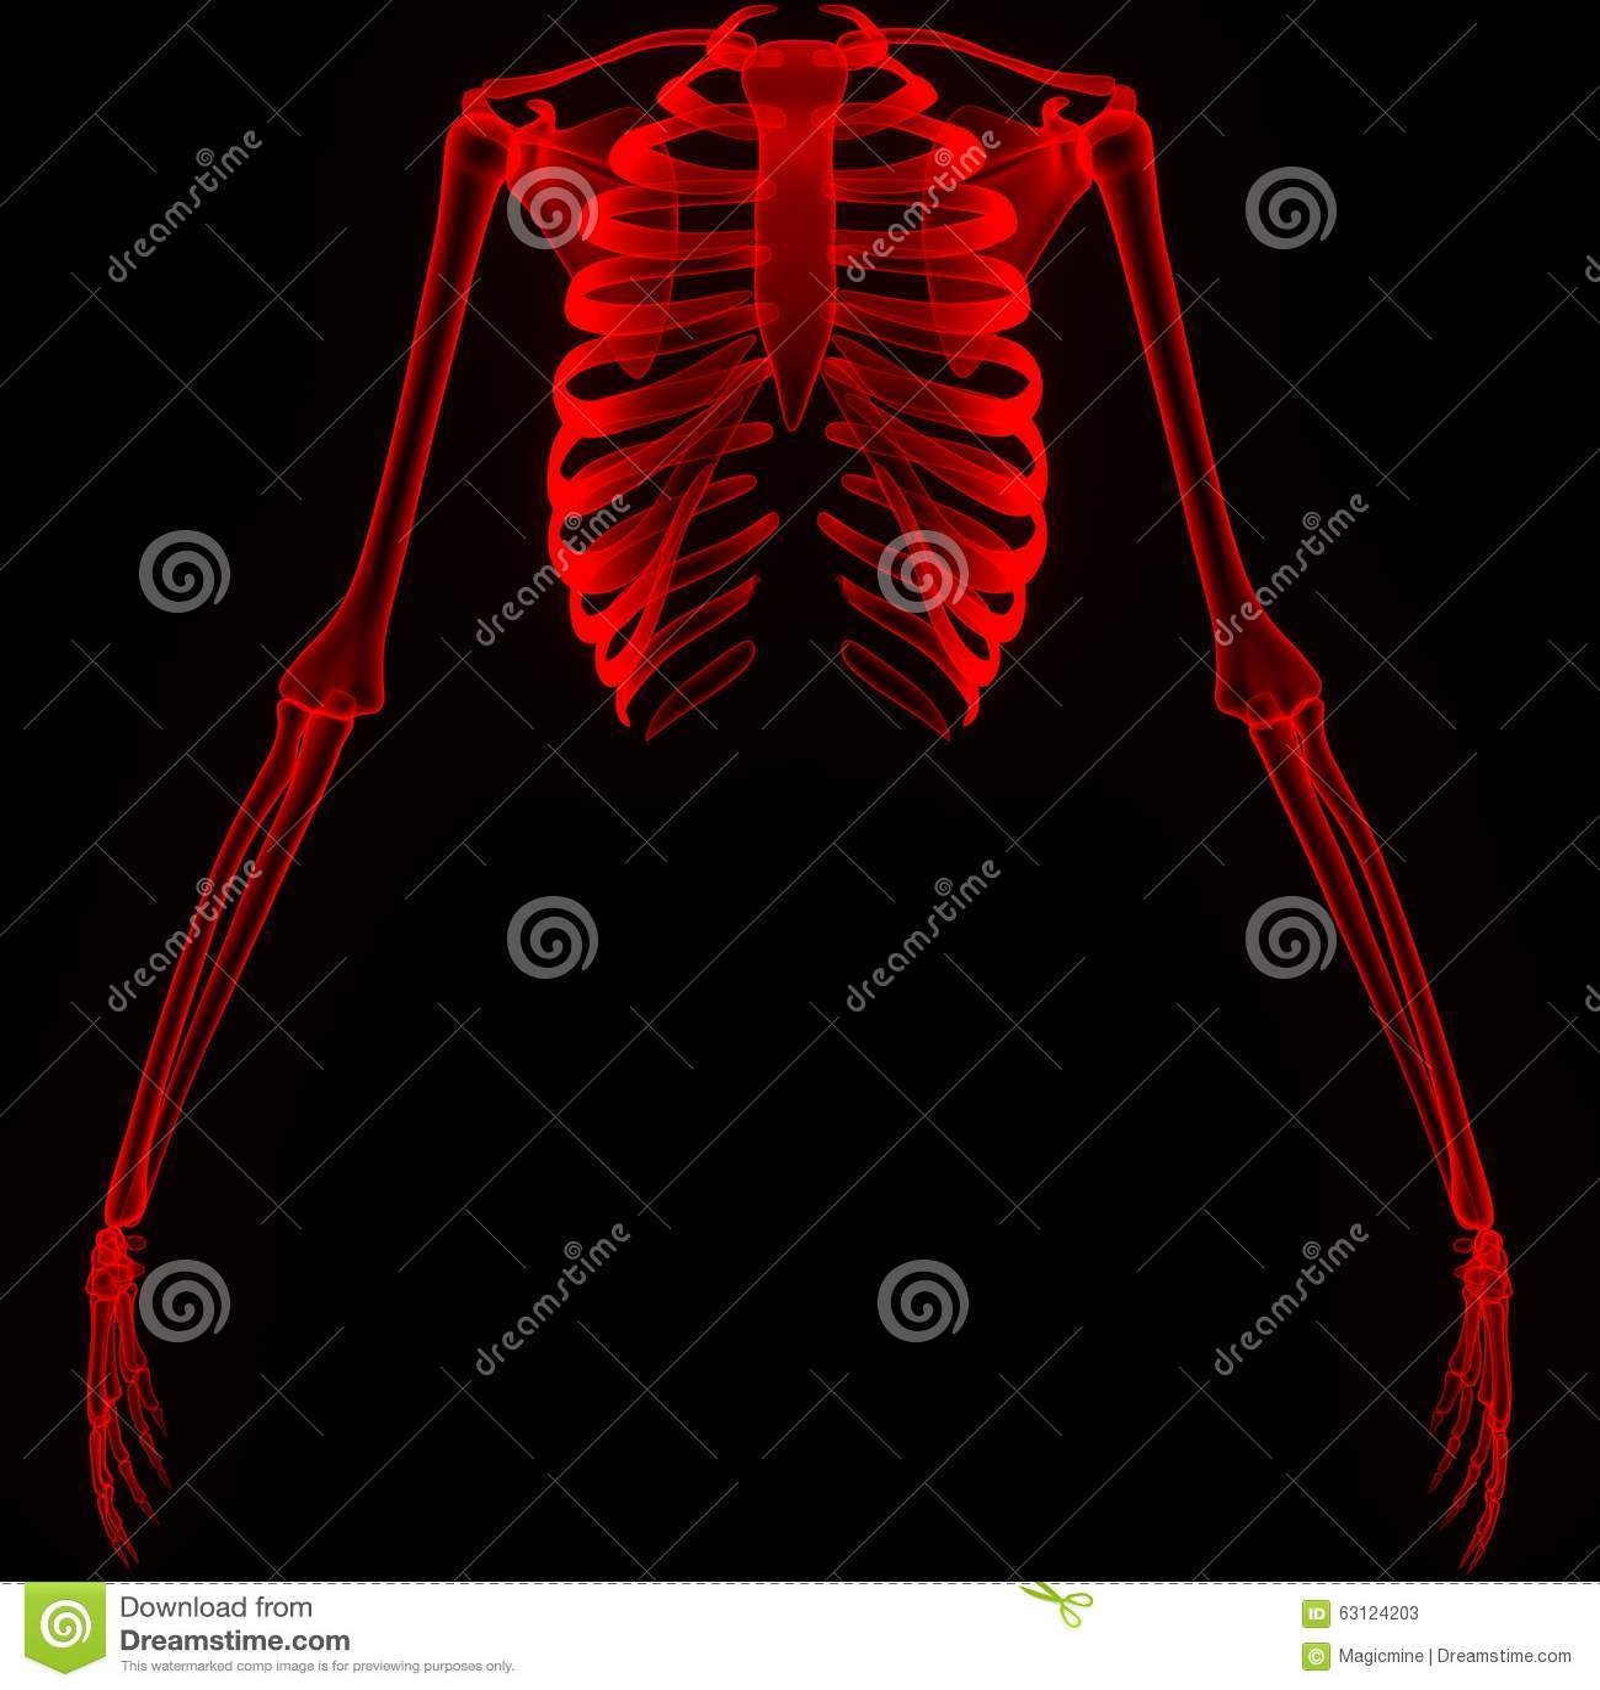 Rippen mit Handgelenken stock abbildung. Illustration von anatomie ...